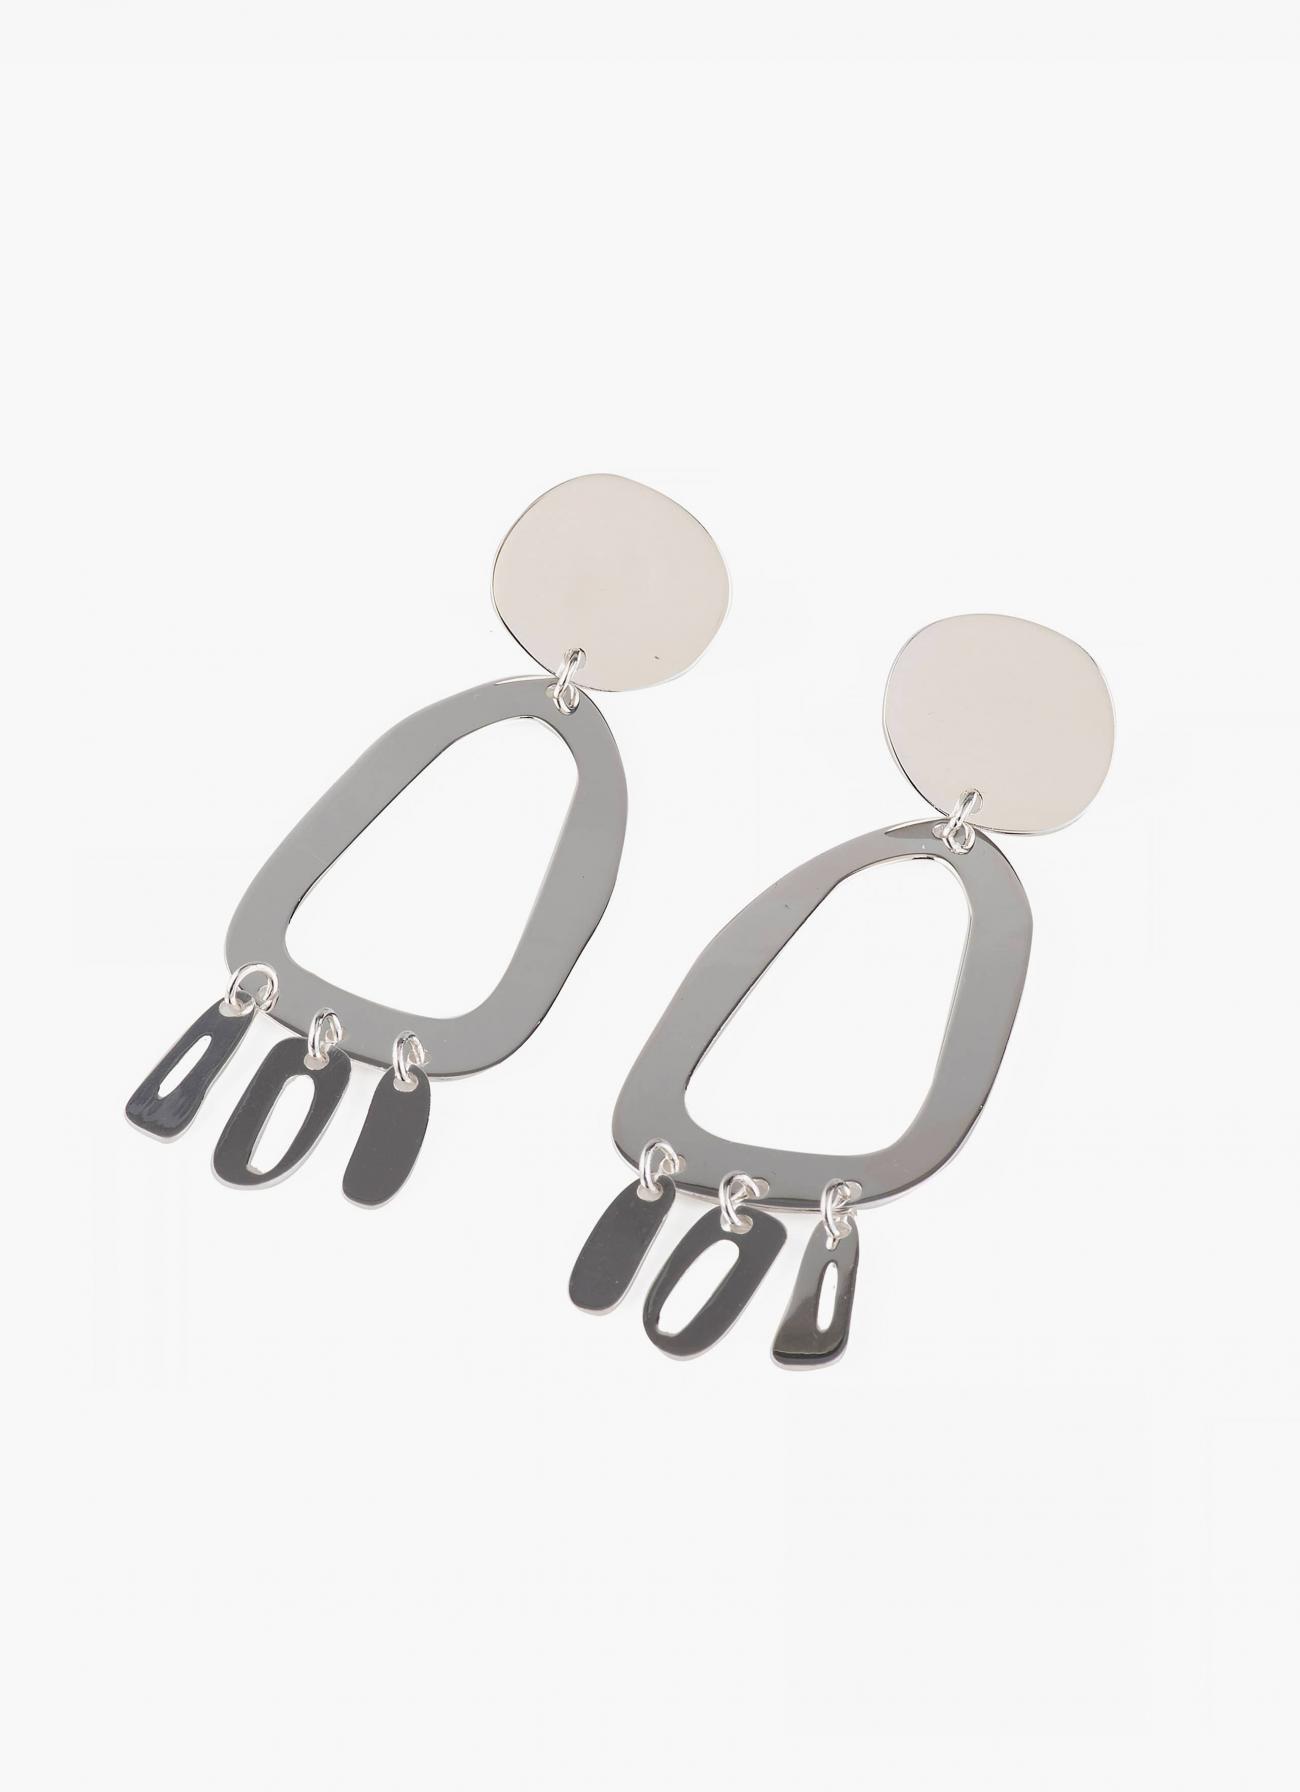 Modern Weaving - Odd Oval Fringe Earrings - Sterling Silver